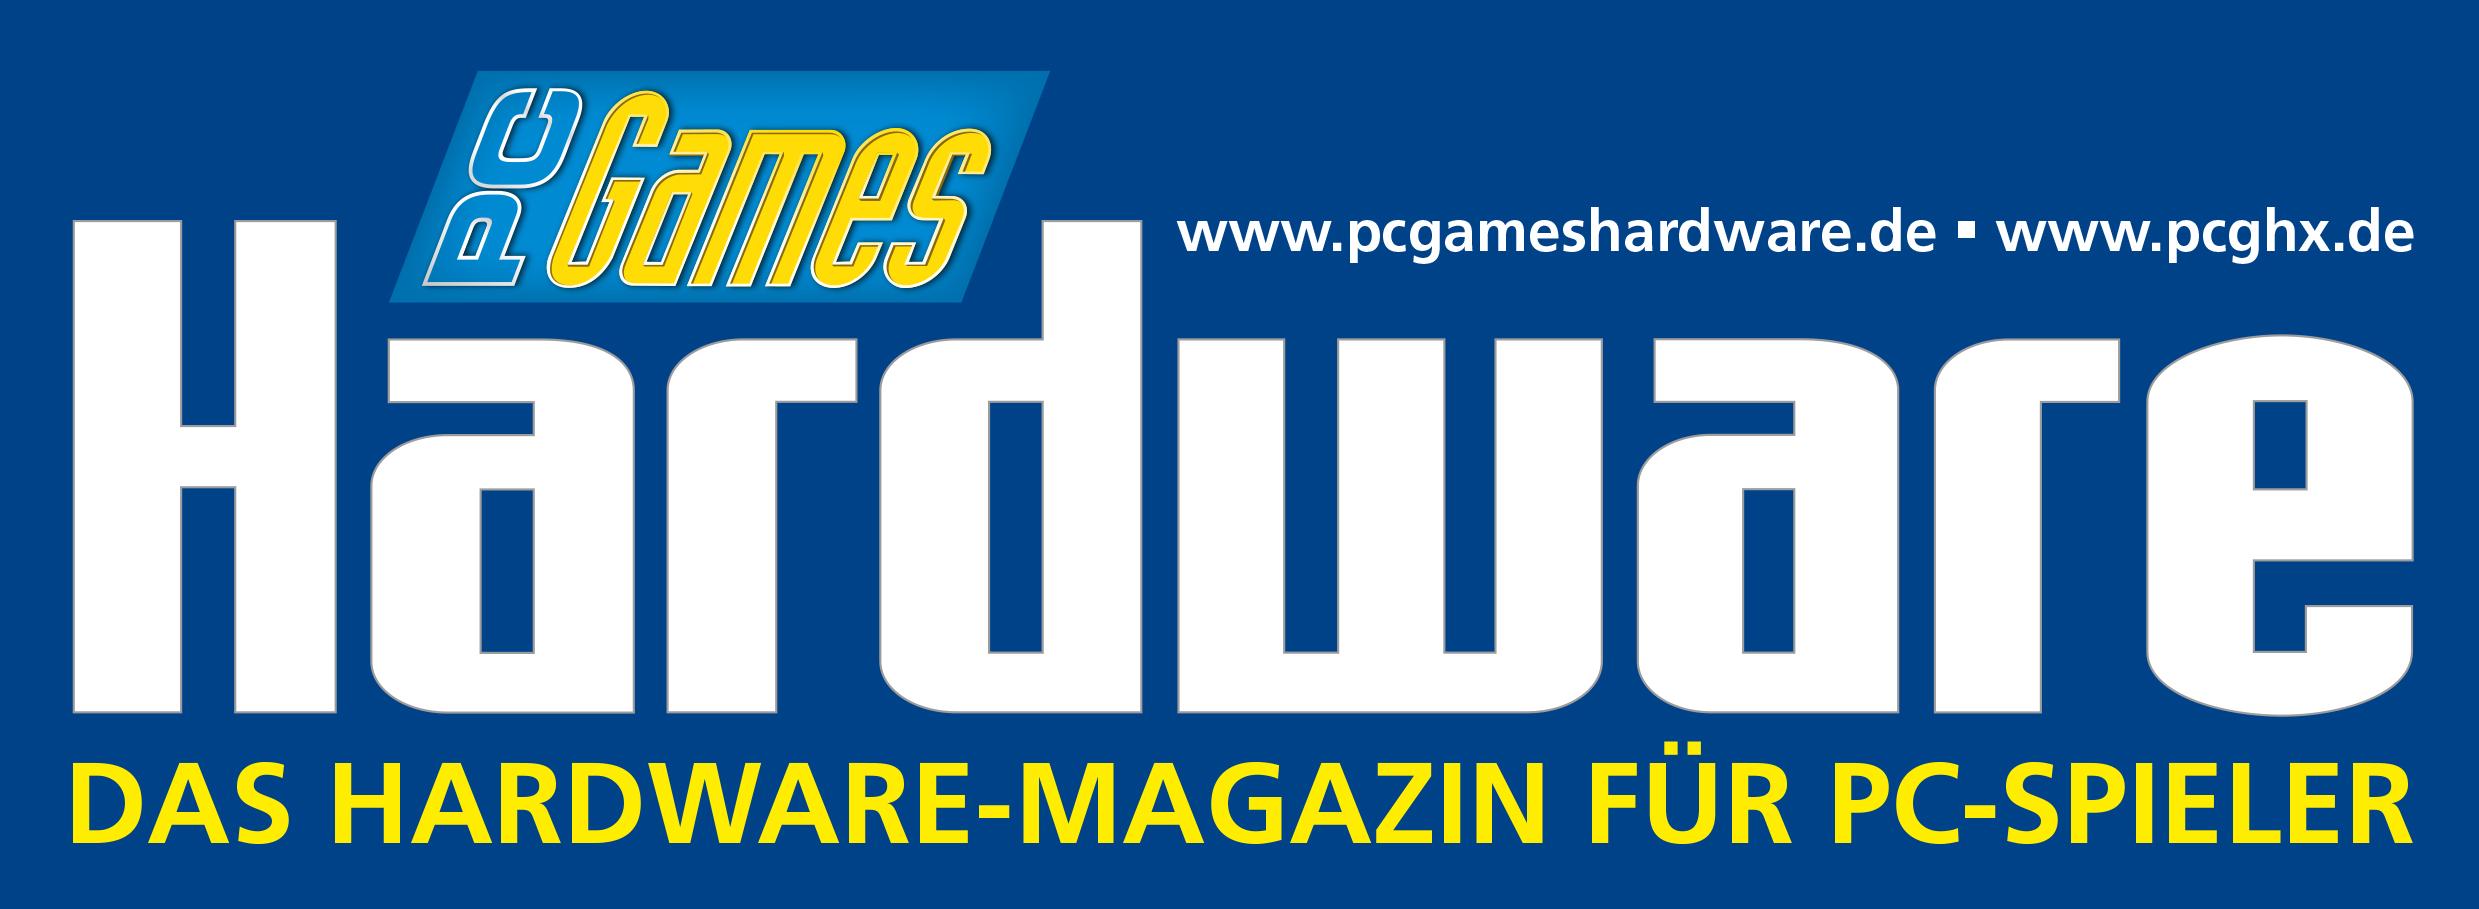 6 Monate PC Games Hardware DVD für 25,85€ mit Newslettergutschein, Amazon und Payback  Prämie in Höhe von 18€